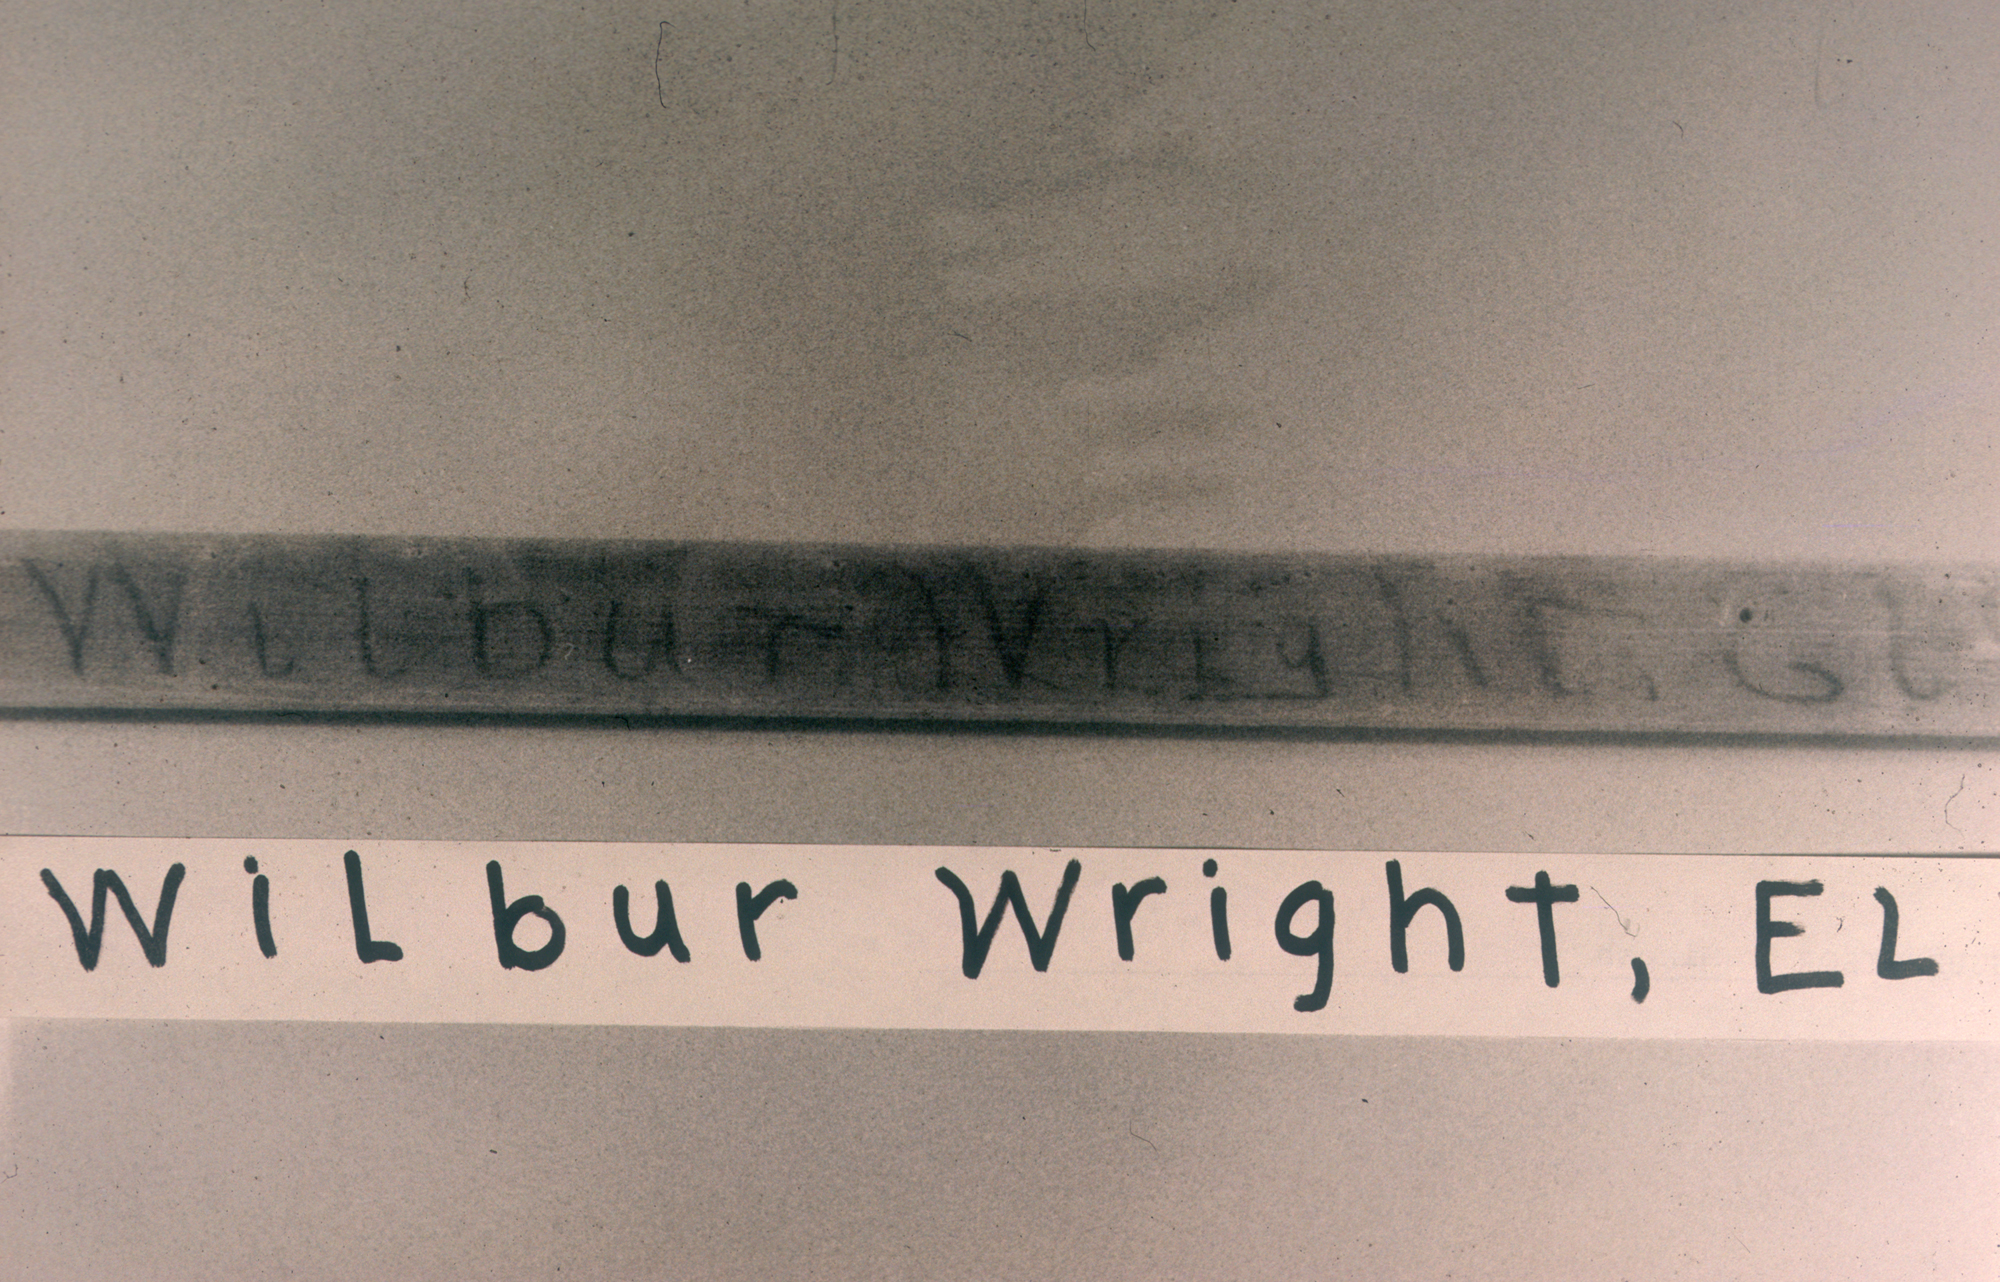 Wilbur Wright's hand-written notations